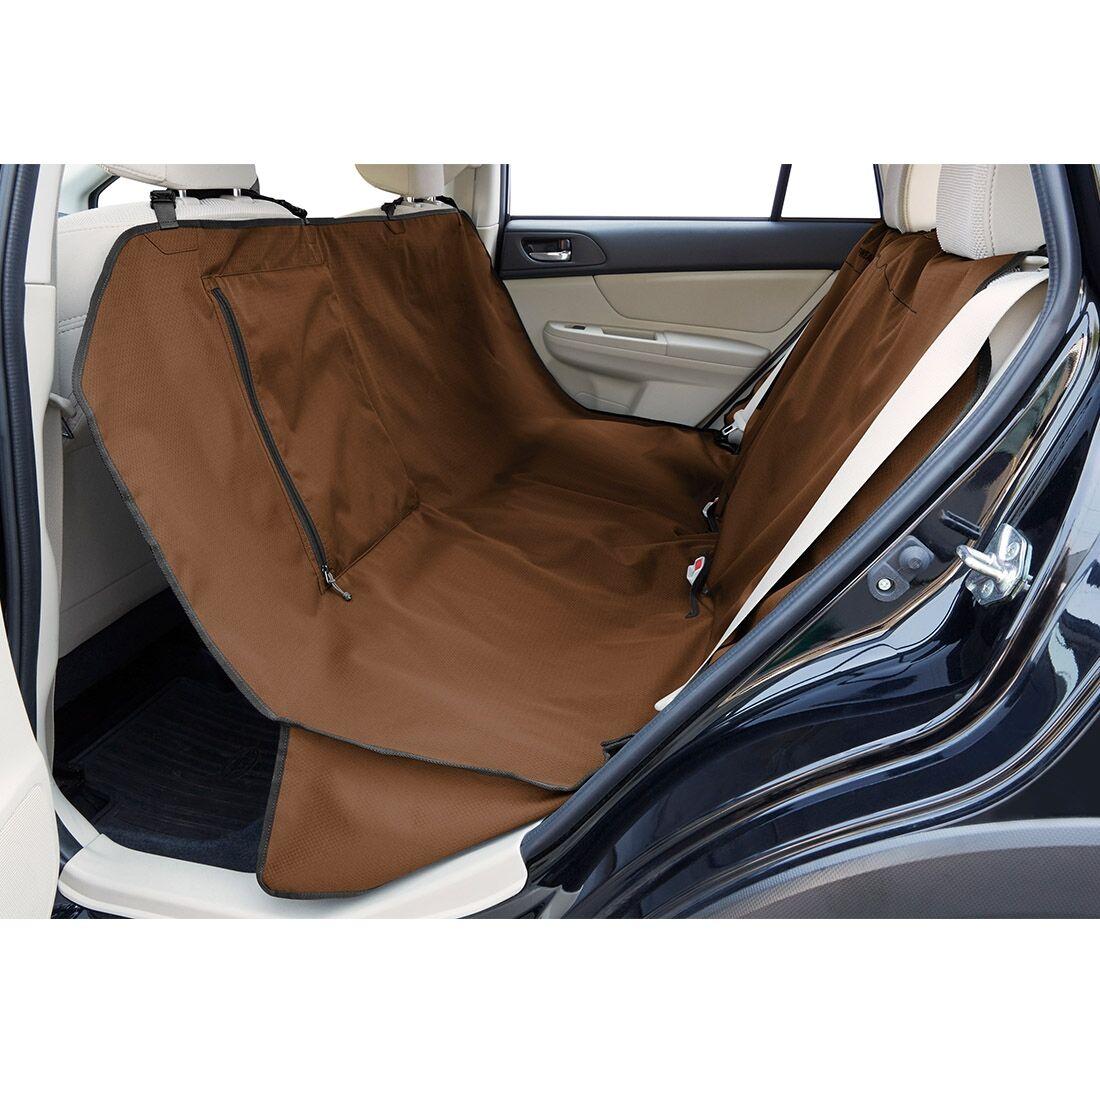 Ruffwear Couverture de protection pour siège de voiture Ruffwear Dirtbag marron